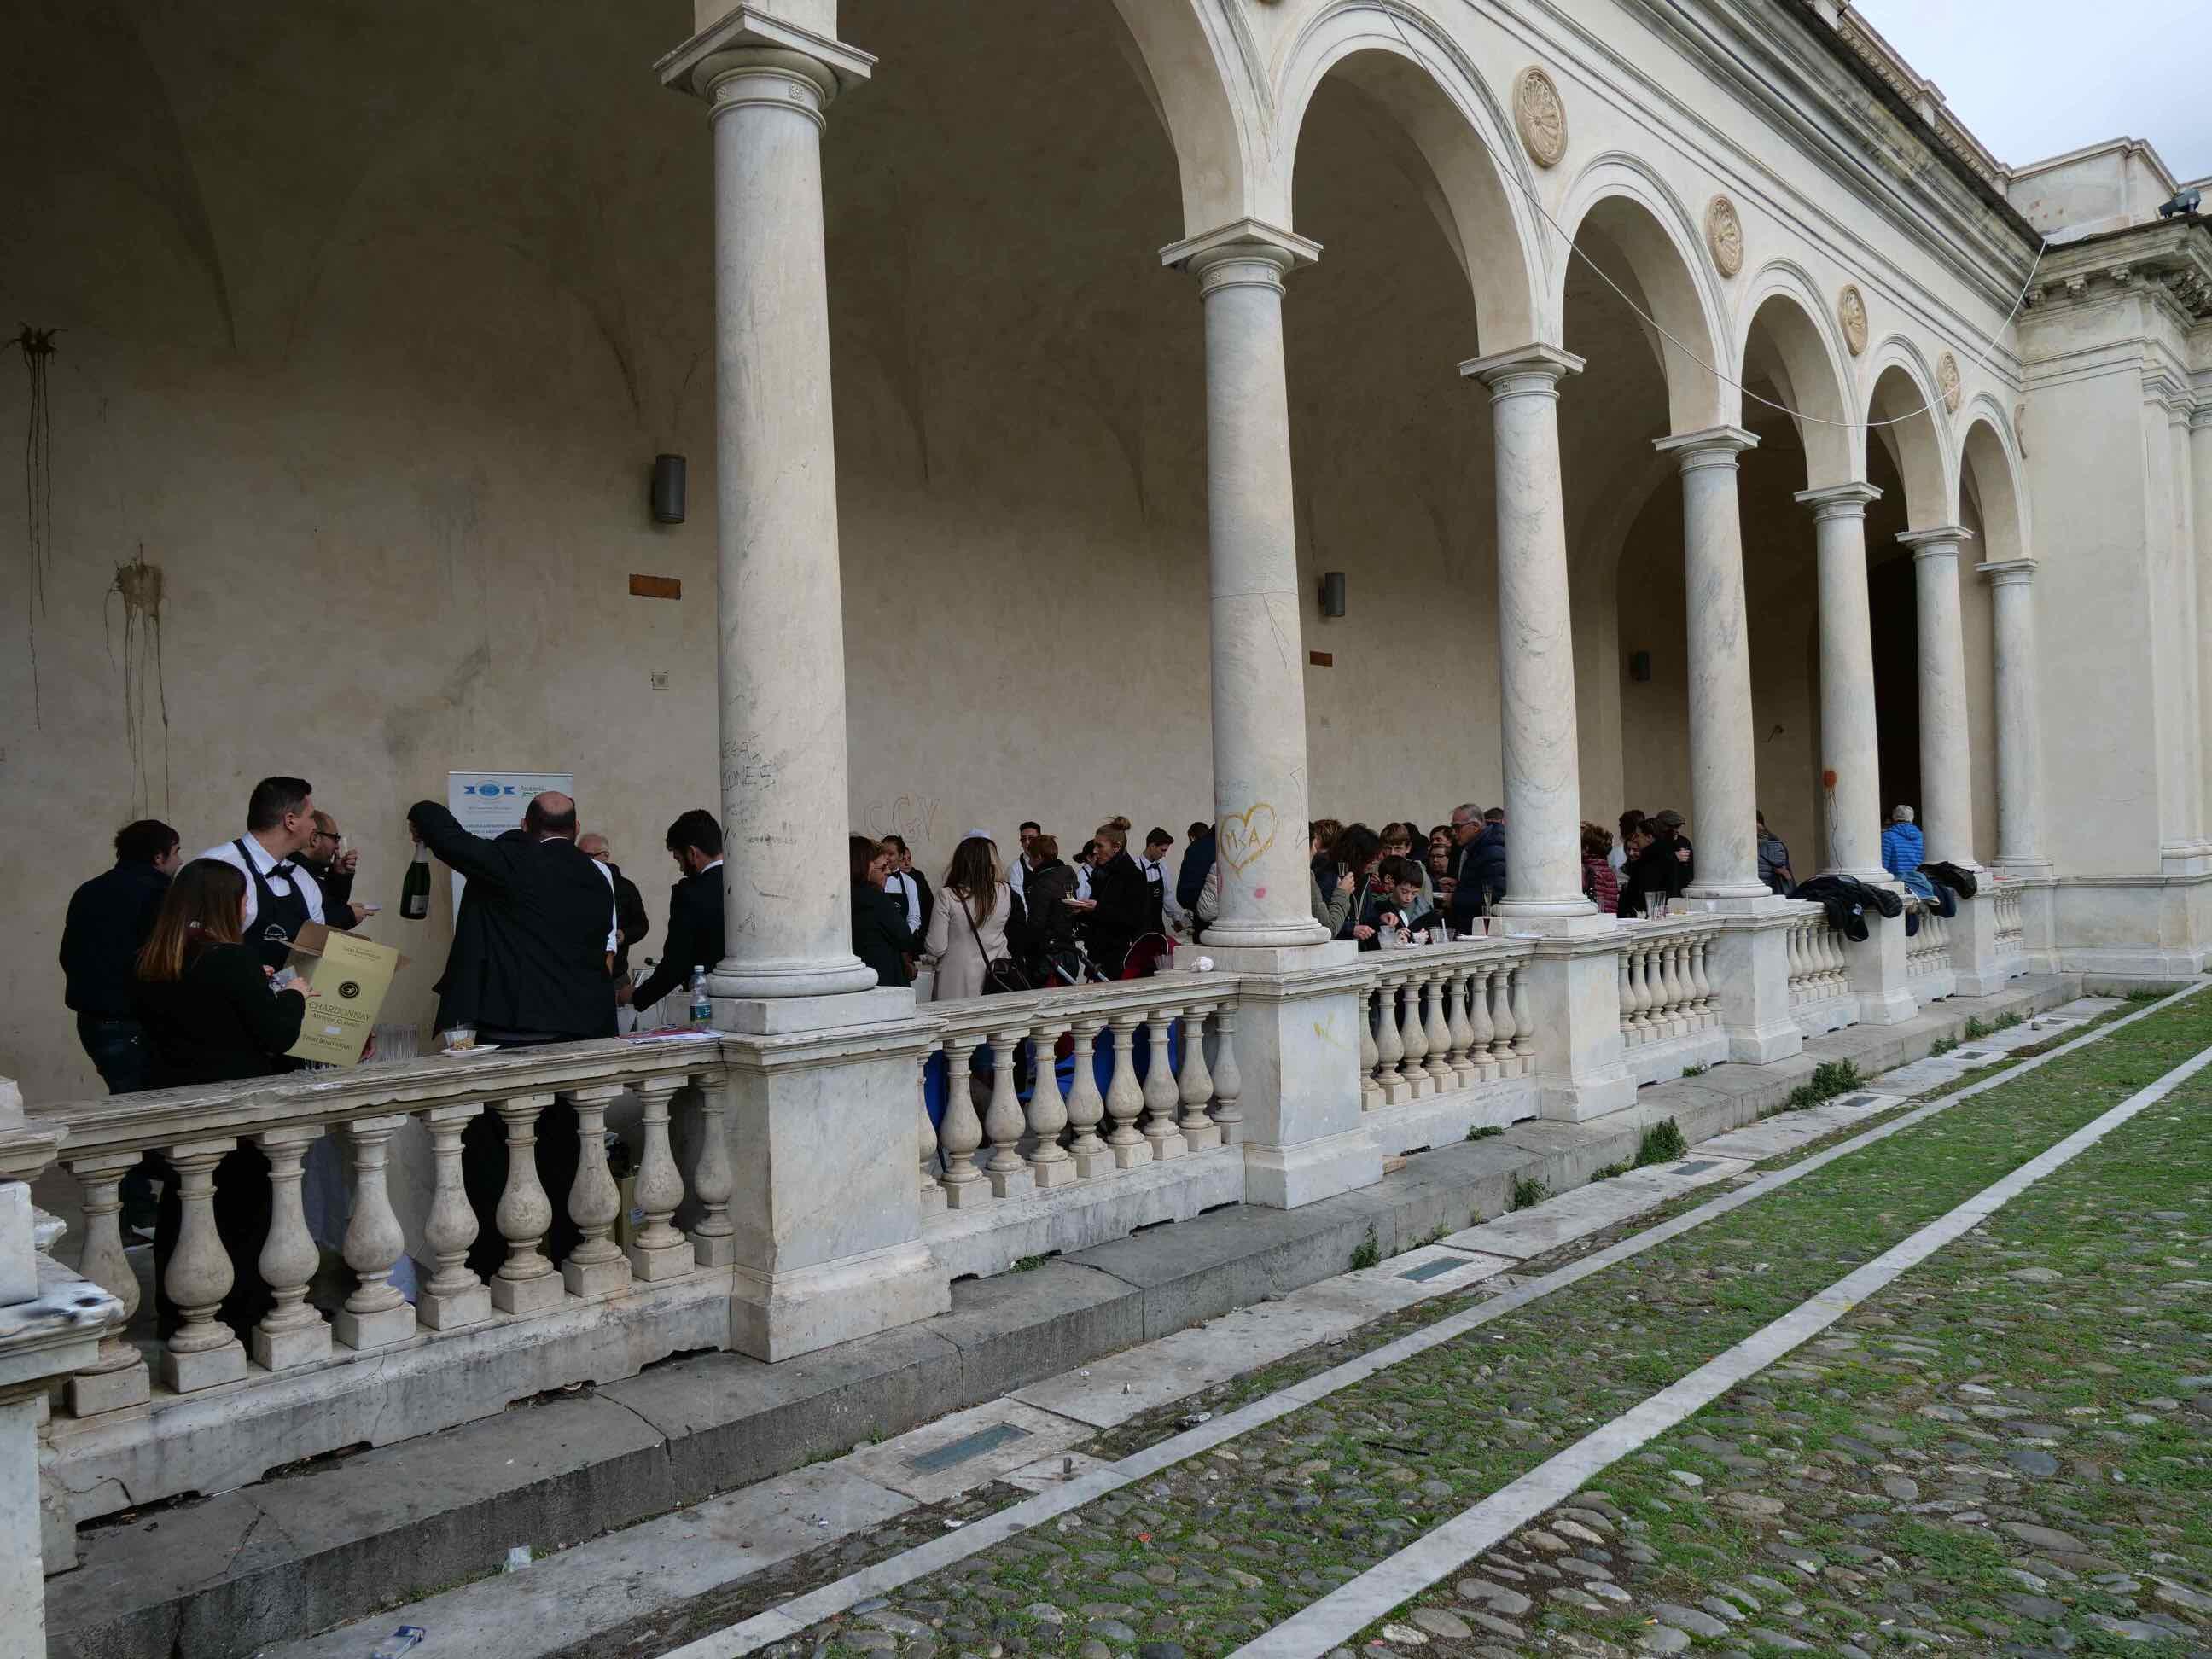 Torneo di pesto al mortaio e aperitivo di beneficienza a cura della Scuola Alberghiera di Lavagna - 3